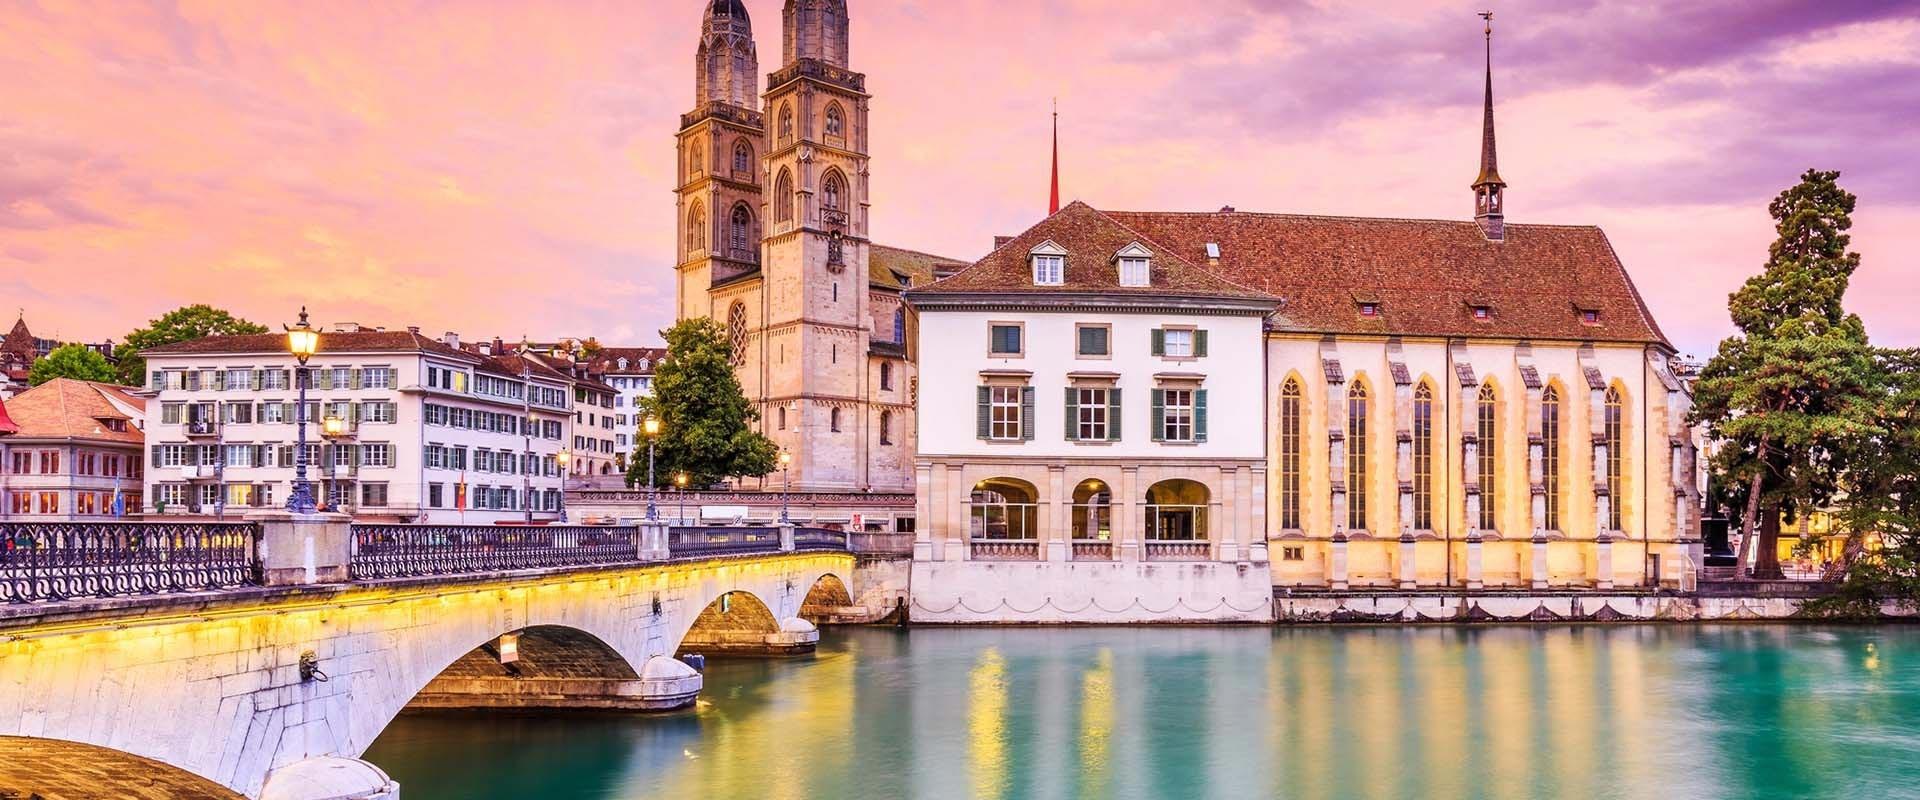 Zürich Public Holidays 2019 - Publicholidays.ch-Zurich Bank Holidays 2020